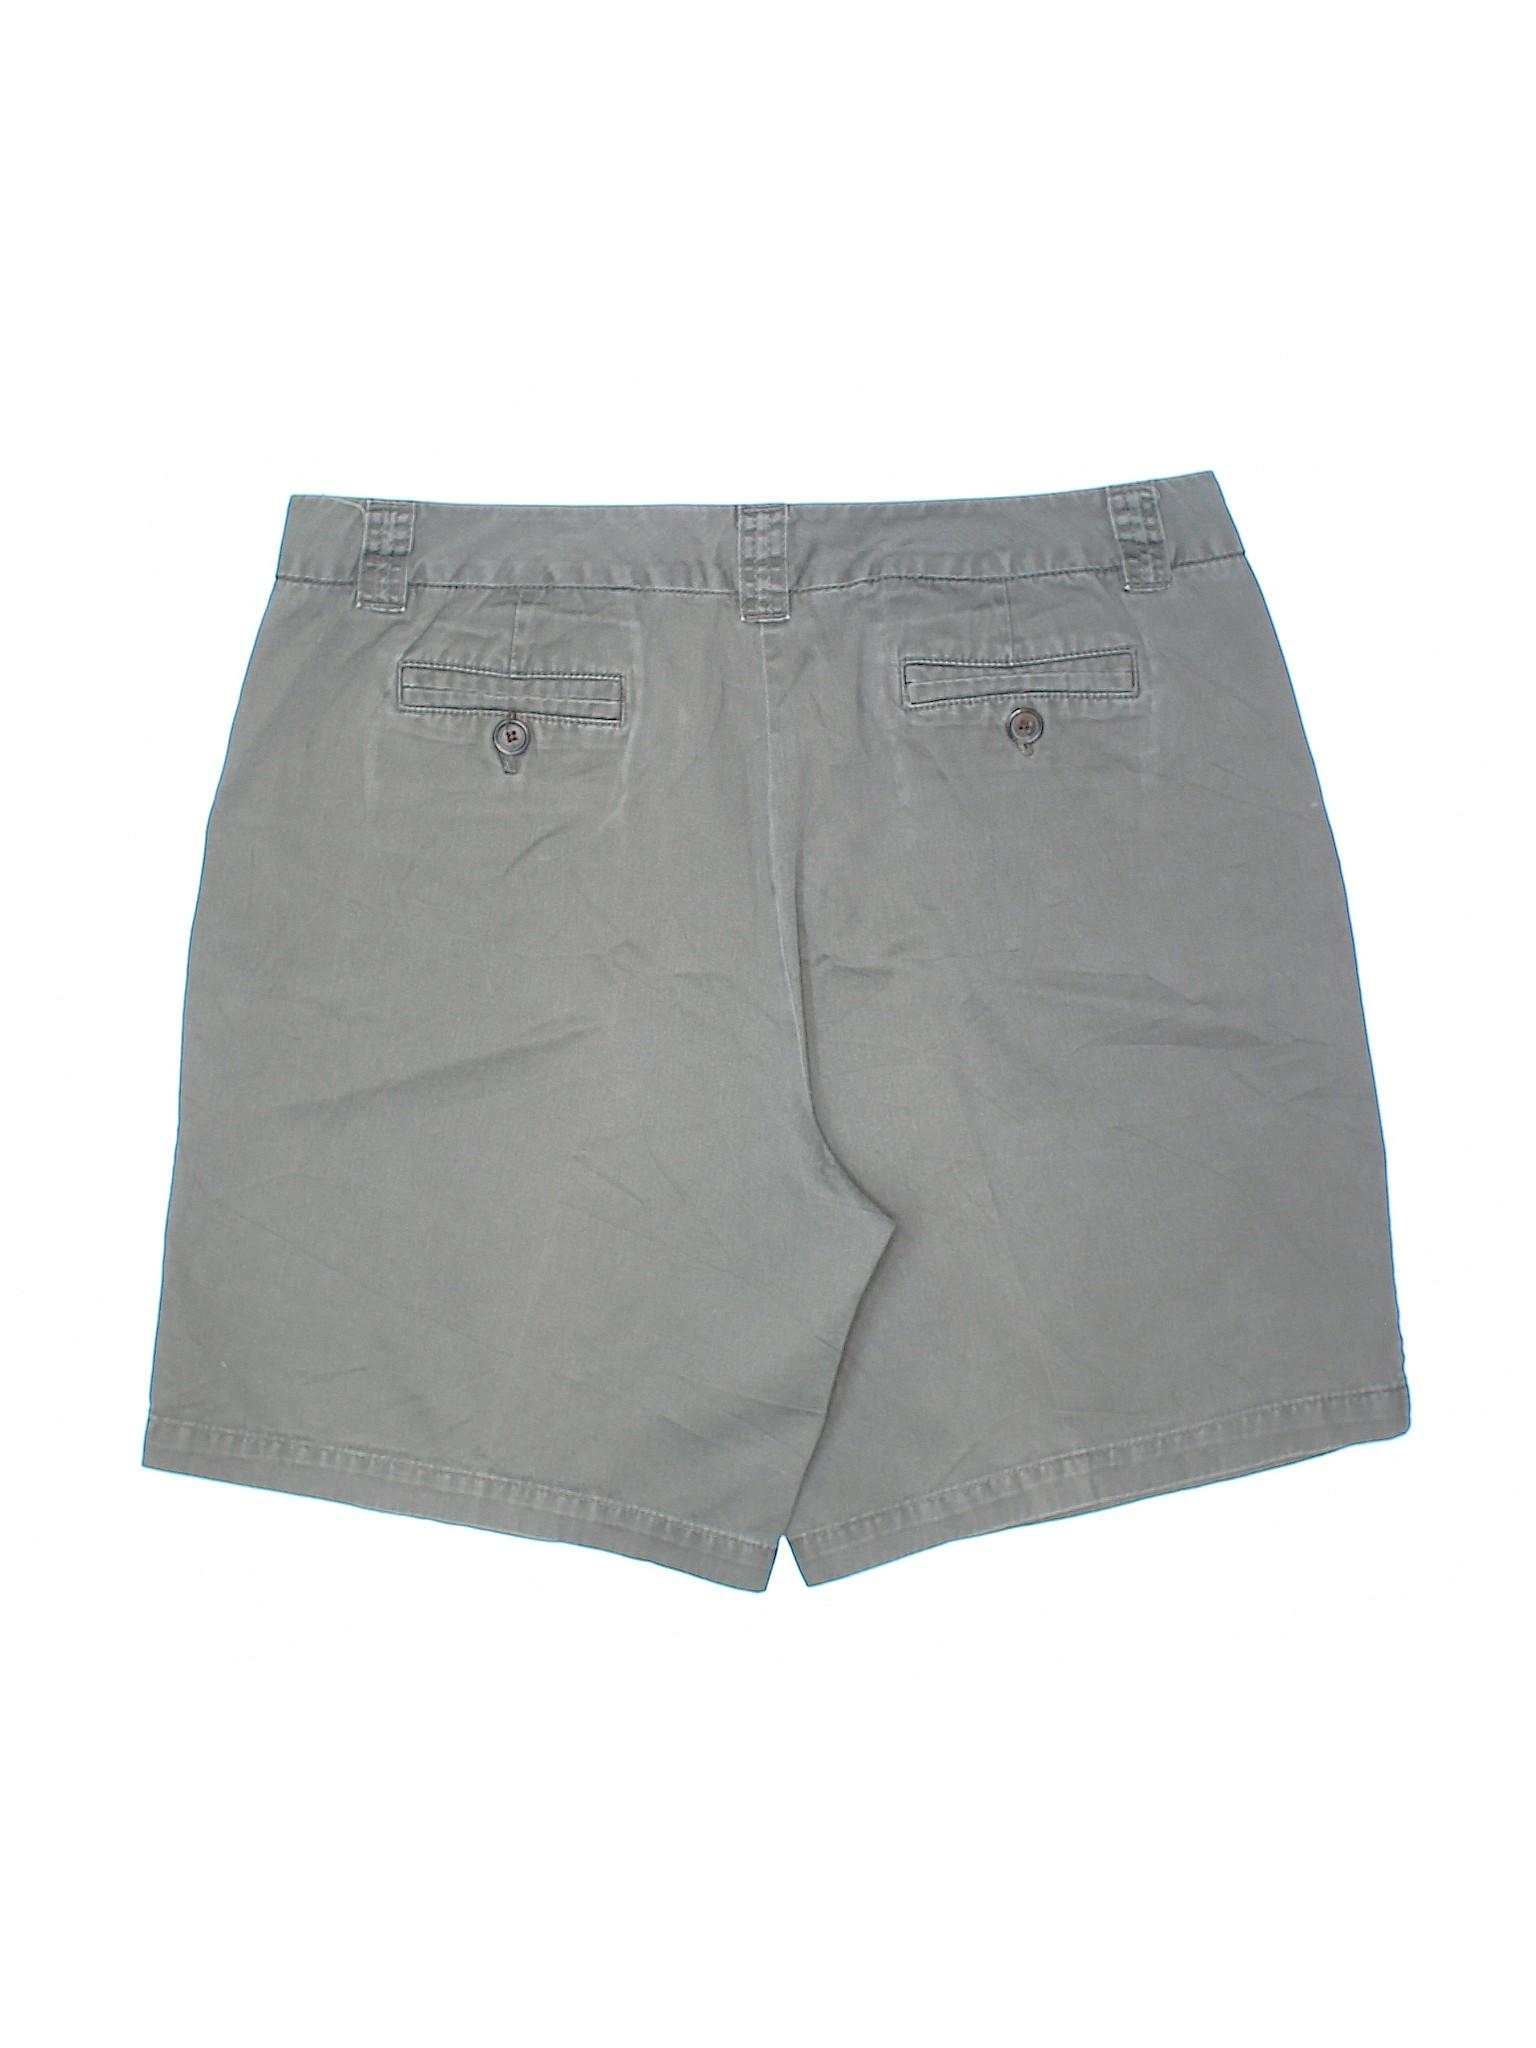 Shorts Khaki Boutique Charter Charter Charter Boutique Khaki Shorts Boutique Club Club Club wWH4PpZqTw